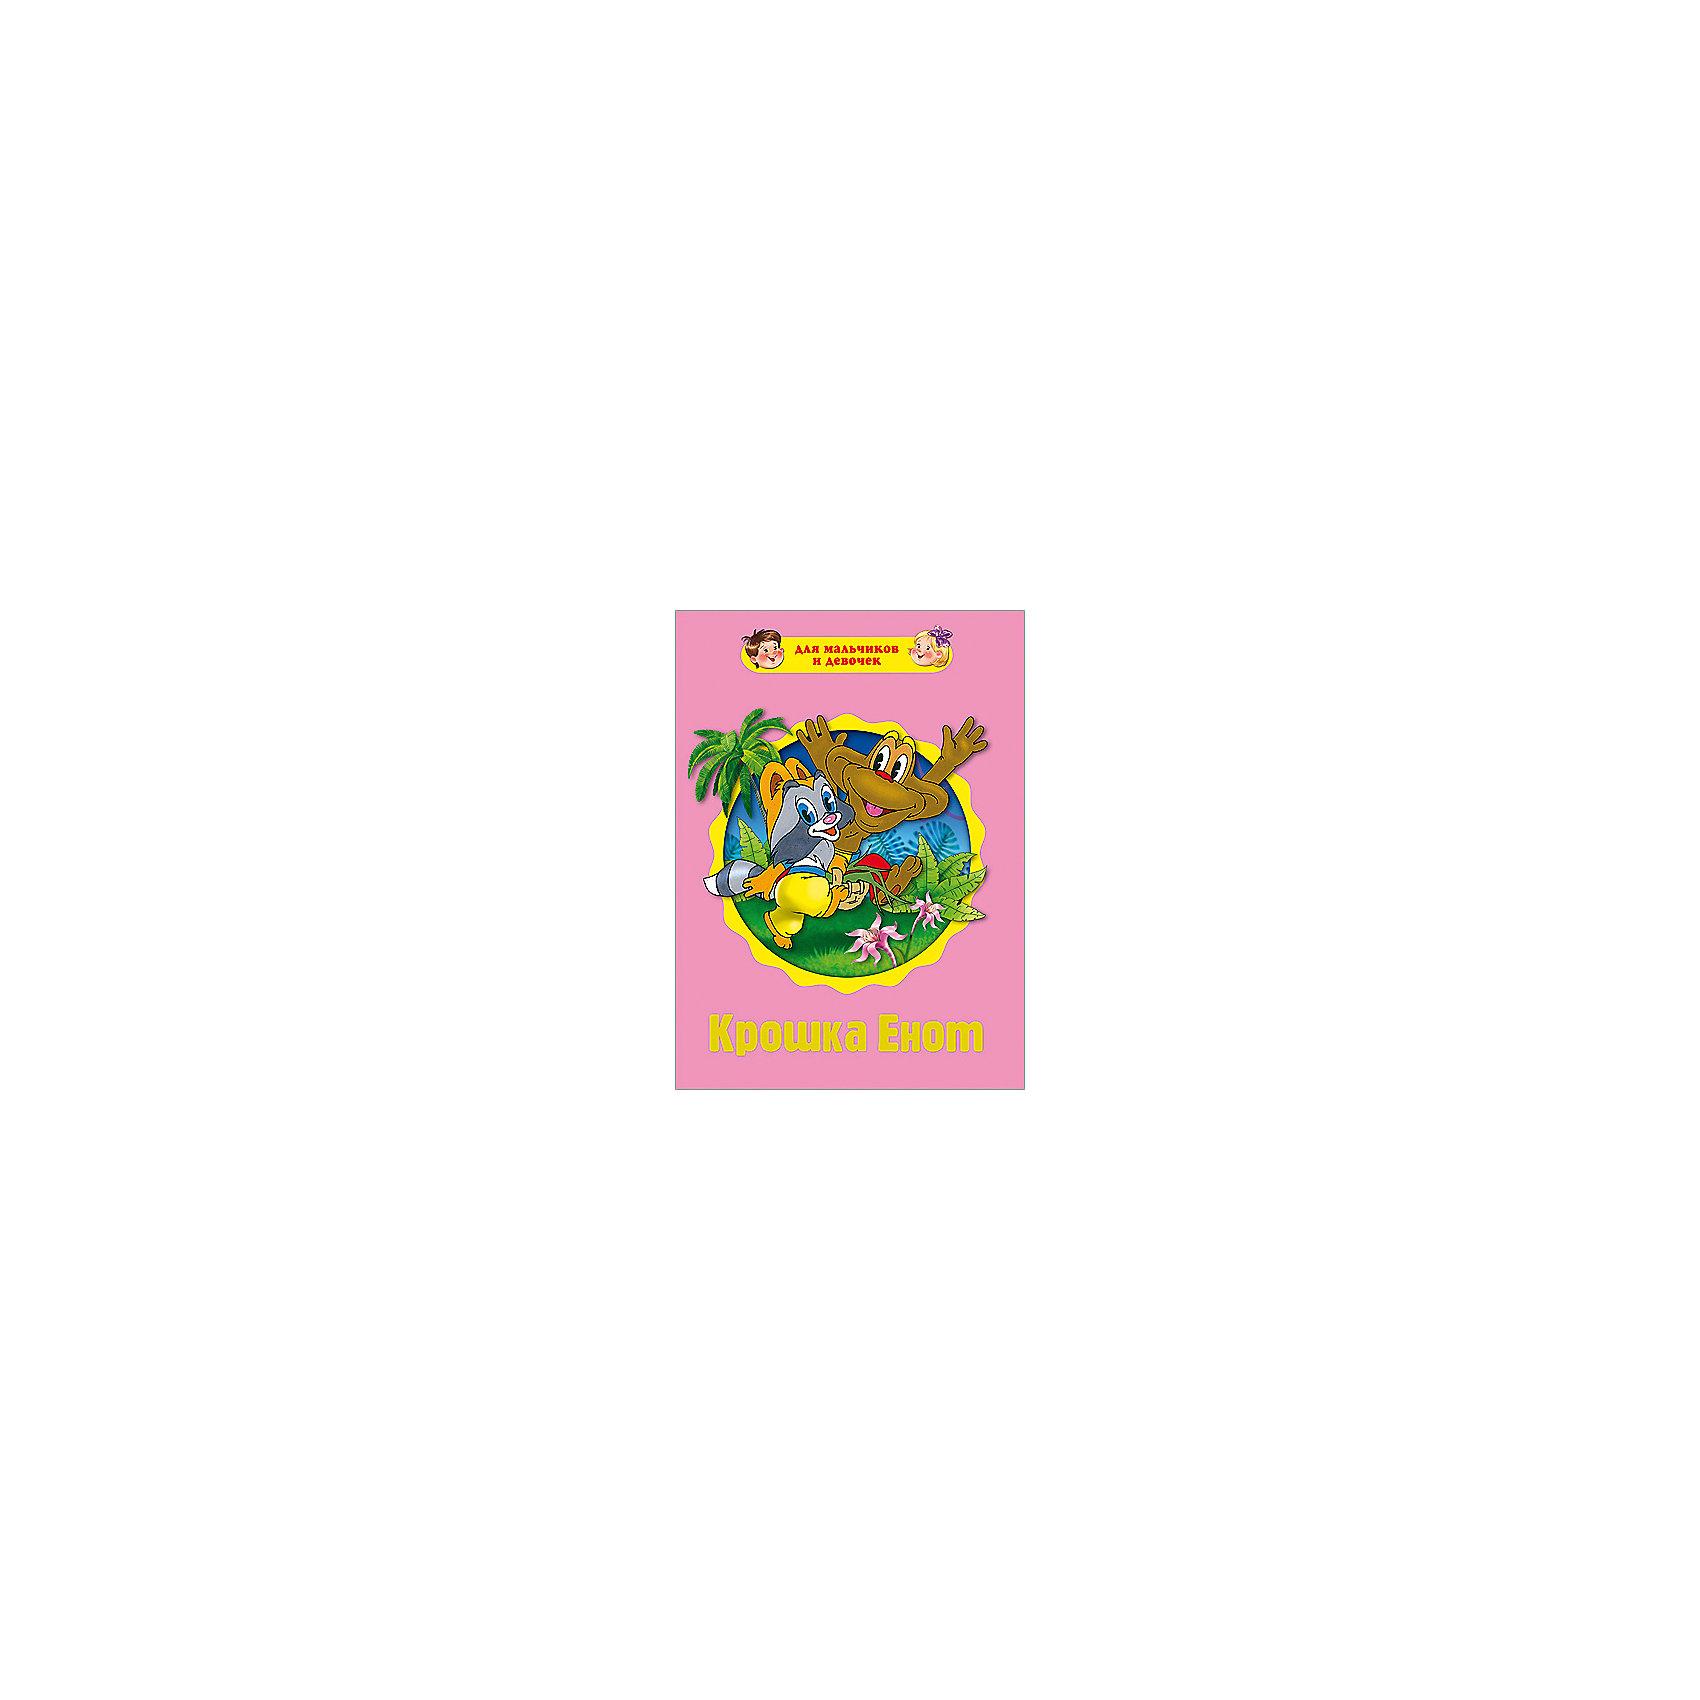 Проф-Пресс Для мальчиков и девочек. Крошка енот книжки пазлы проф пресс 978 5 378 08246 9